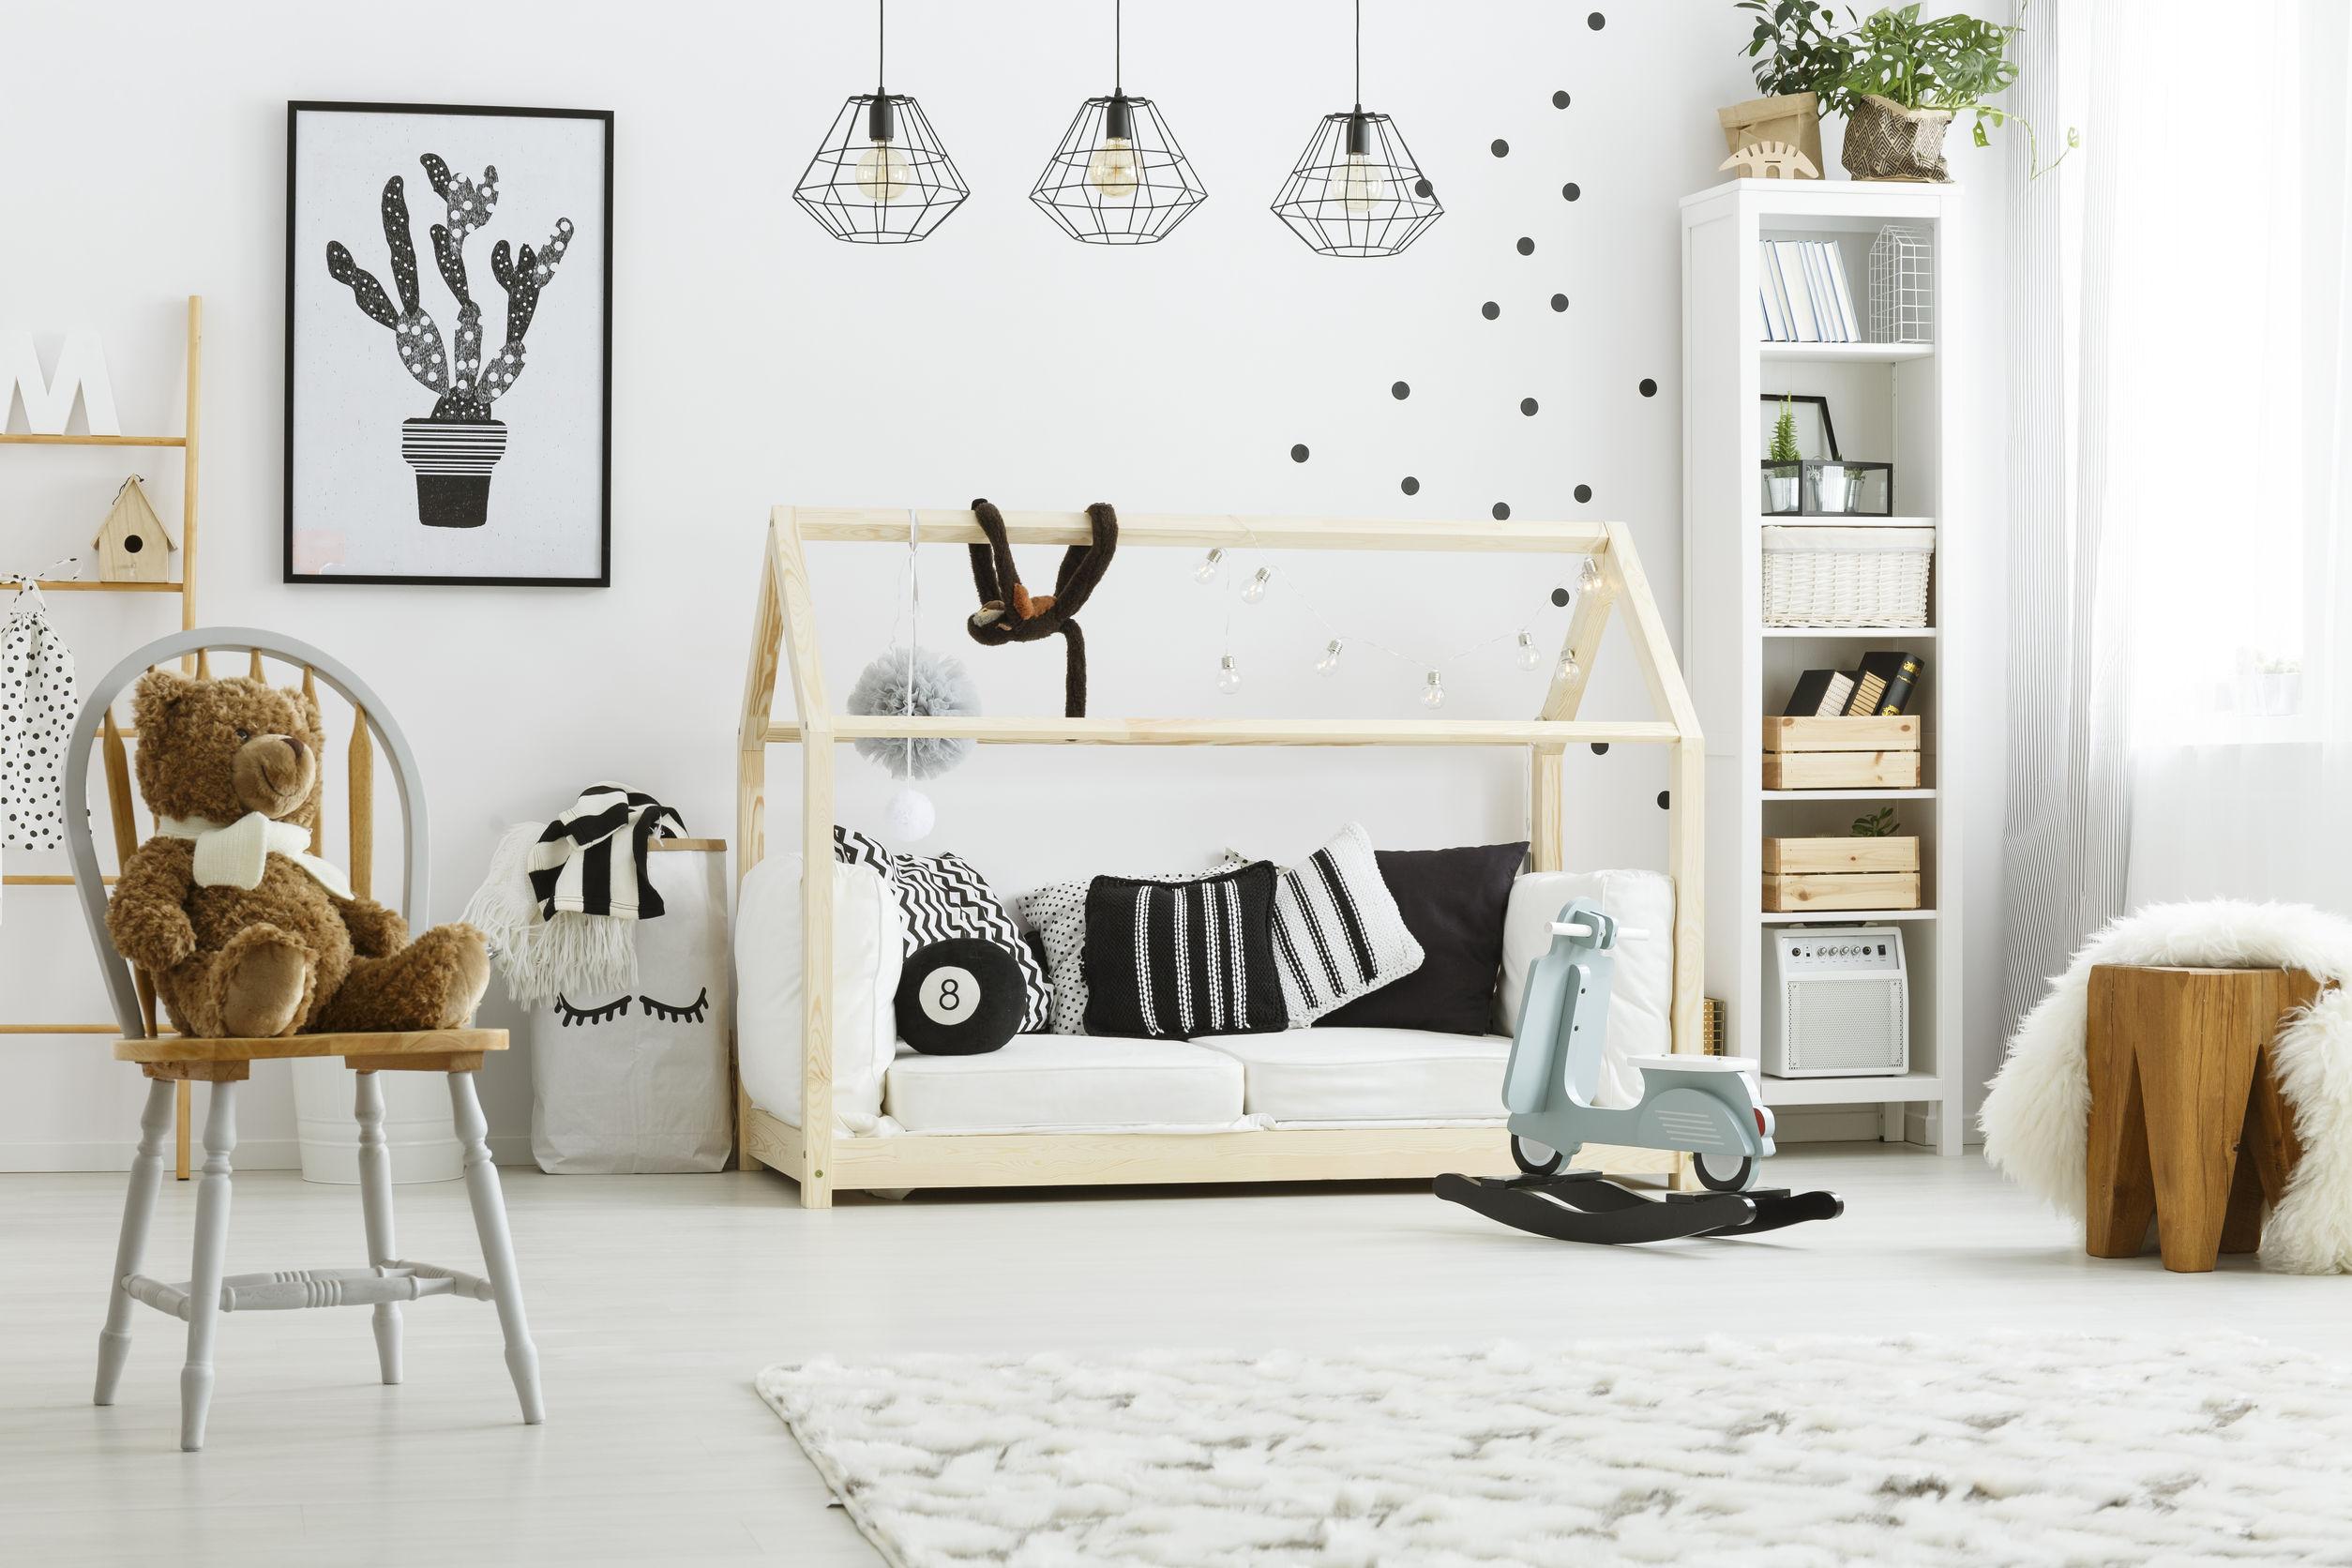 panier dans chambre enfant scandinave